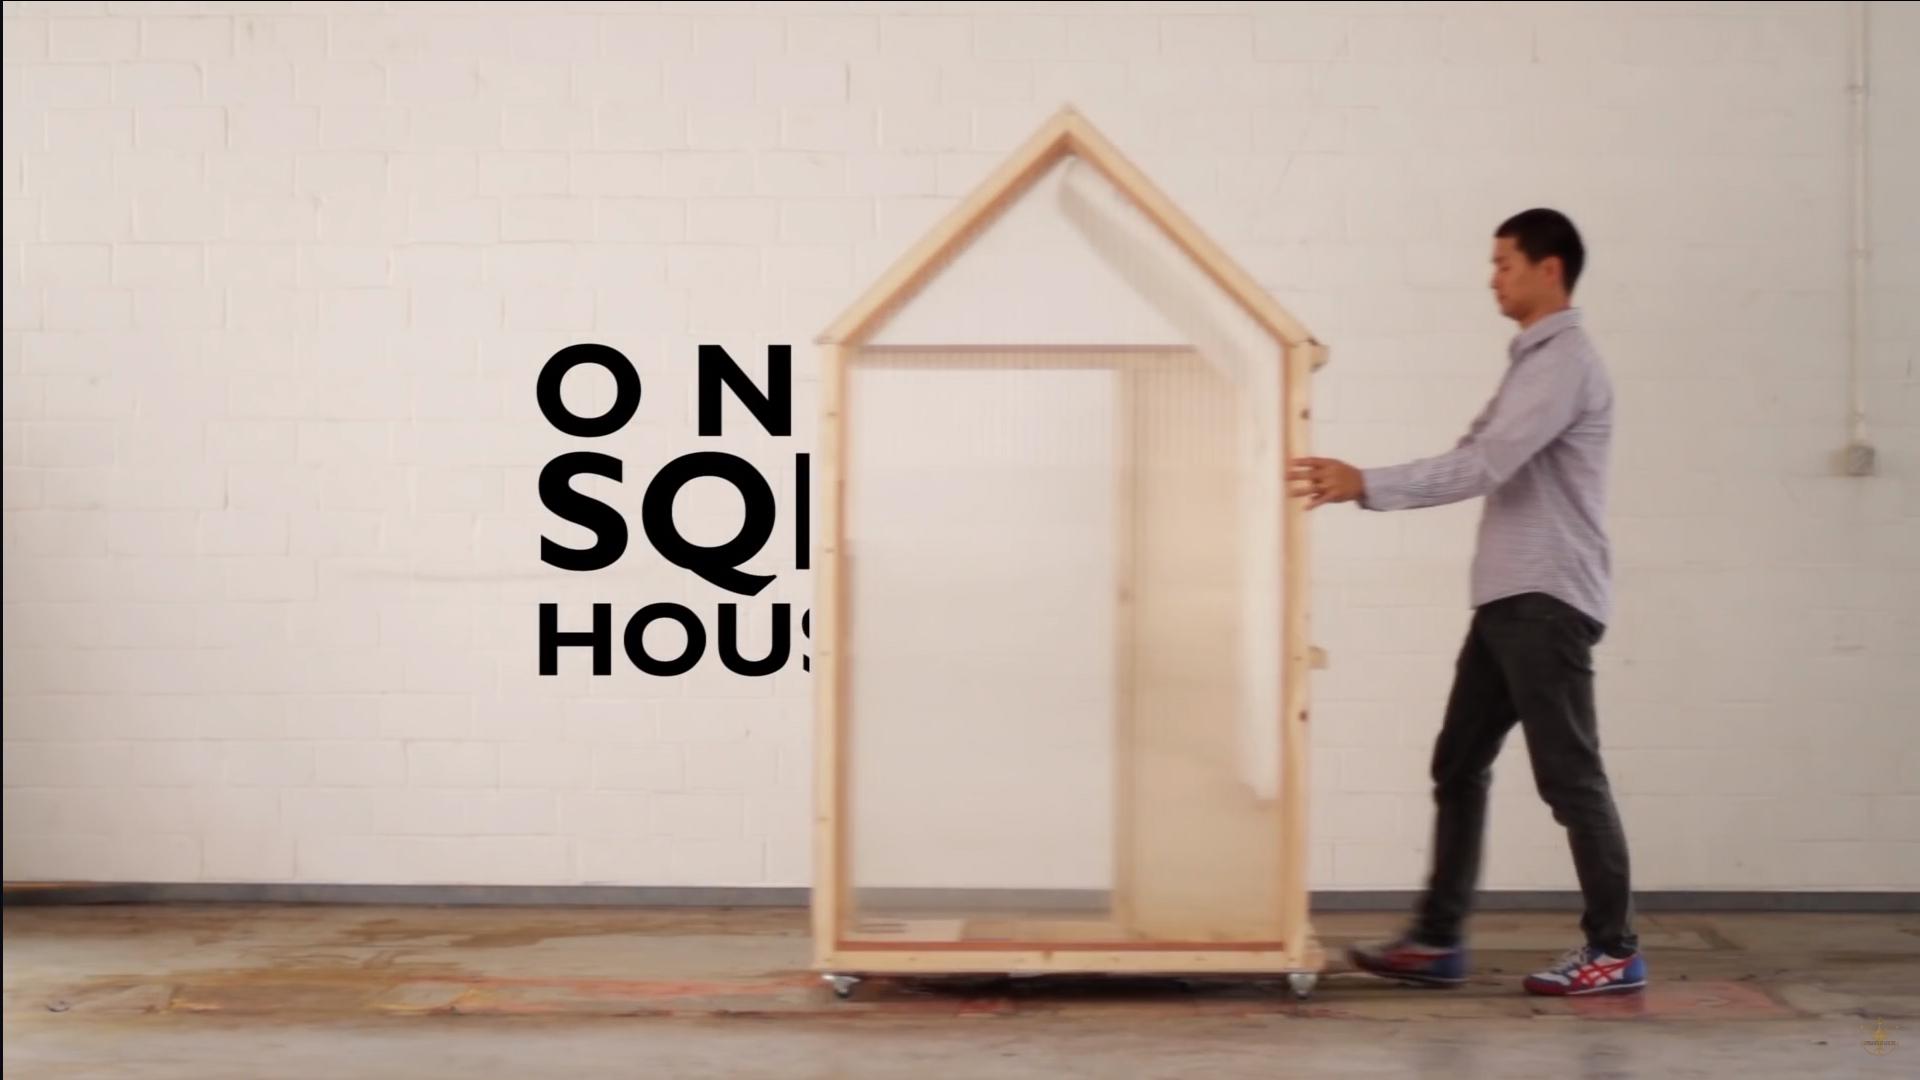 ein kleiner Film zum ein Quadratmeter Haus